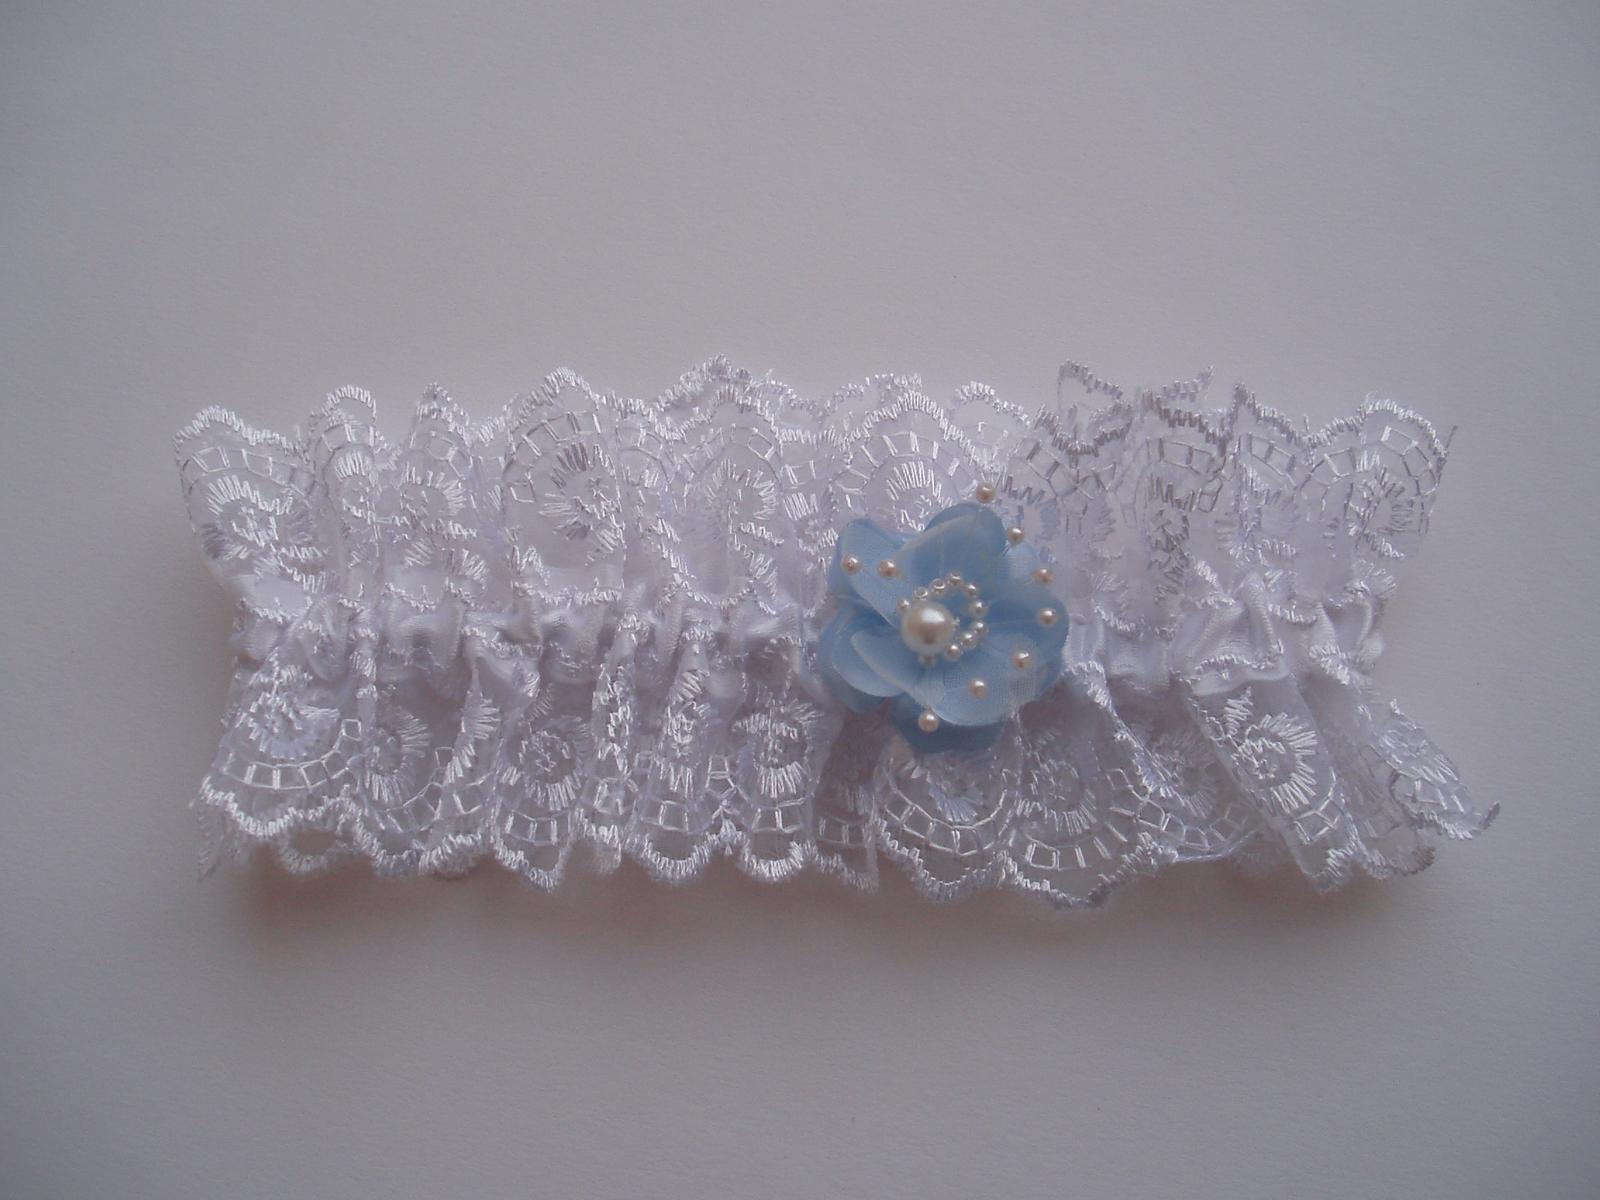 podvazek bílý-modrý květ - Obrázek č. 2